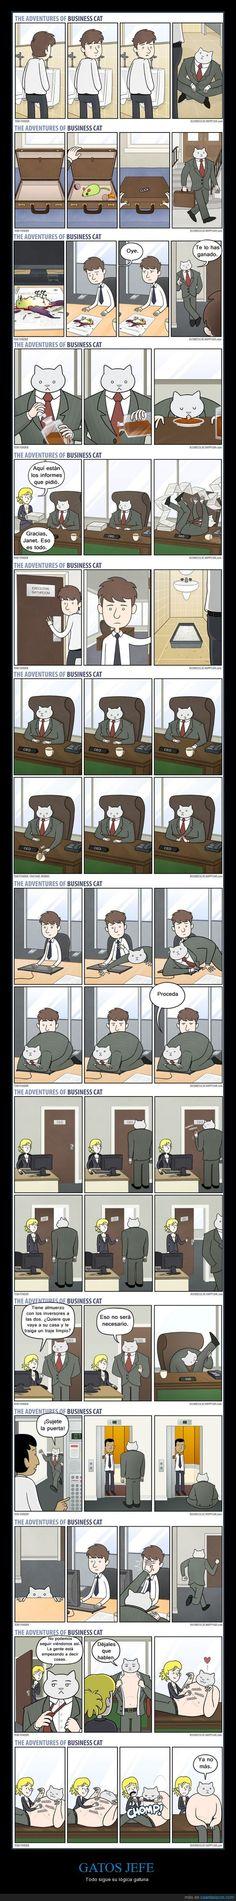 Así sería tu jefe si fuera un gato - Todo sigue su lógica gatuna